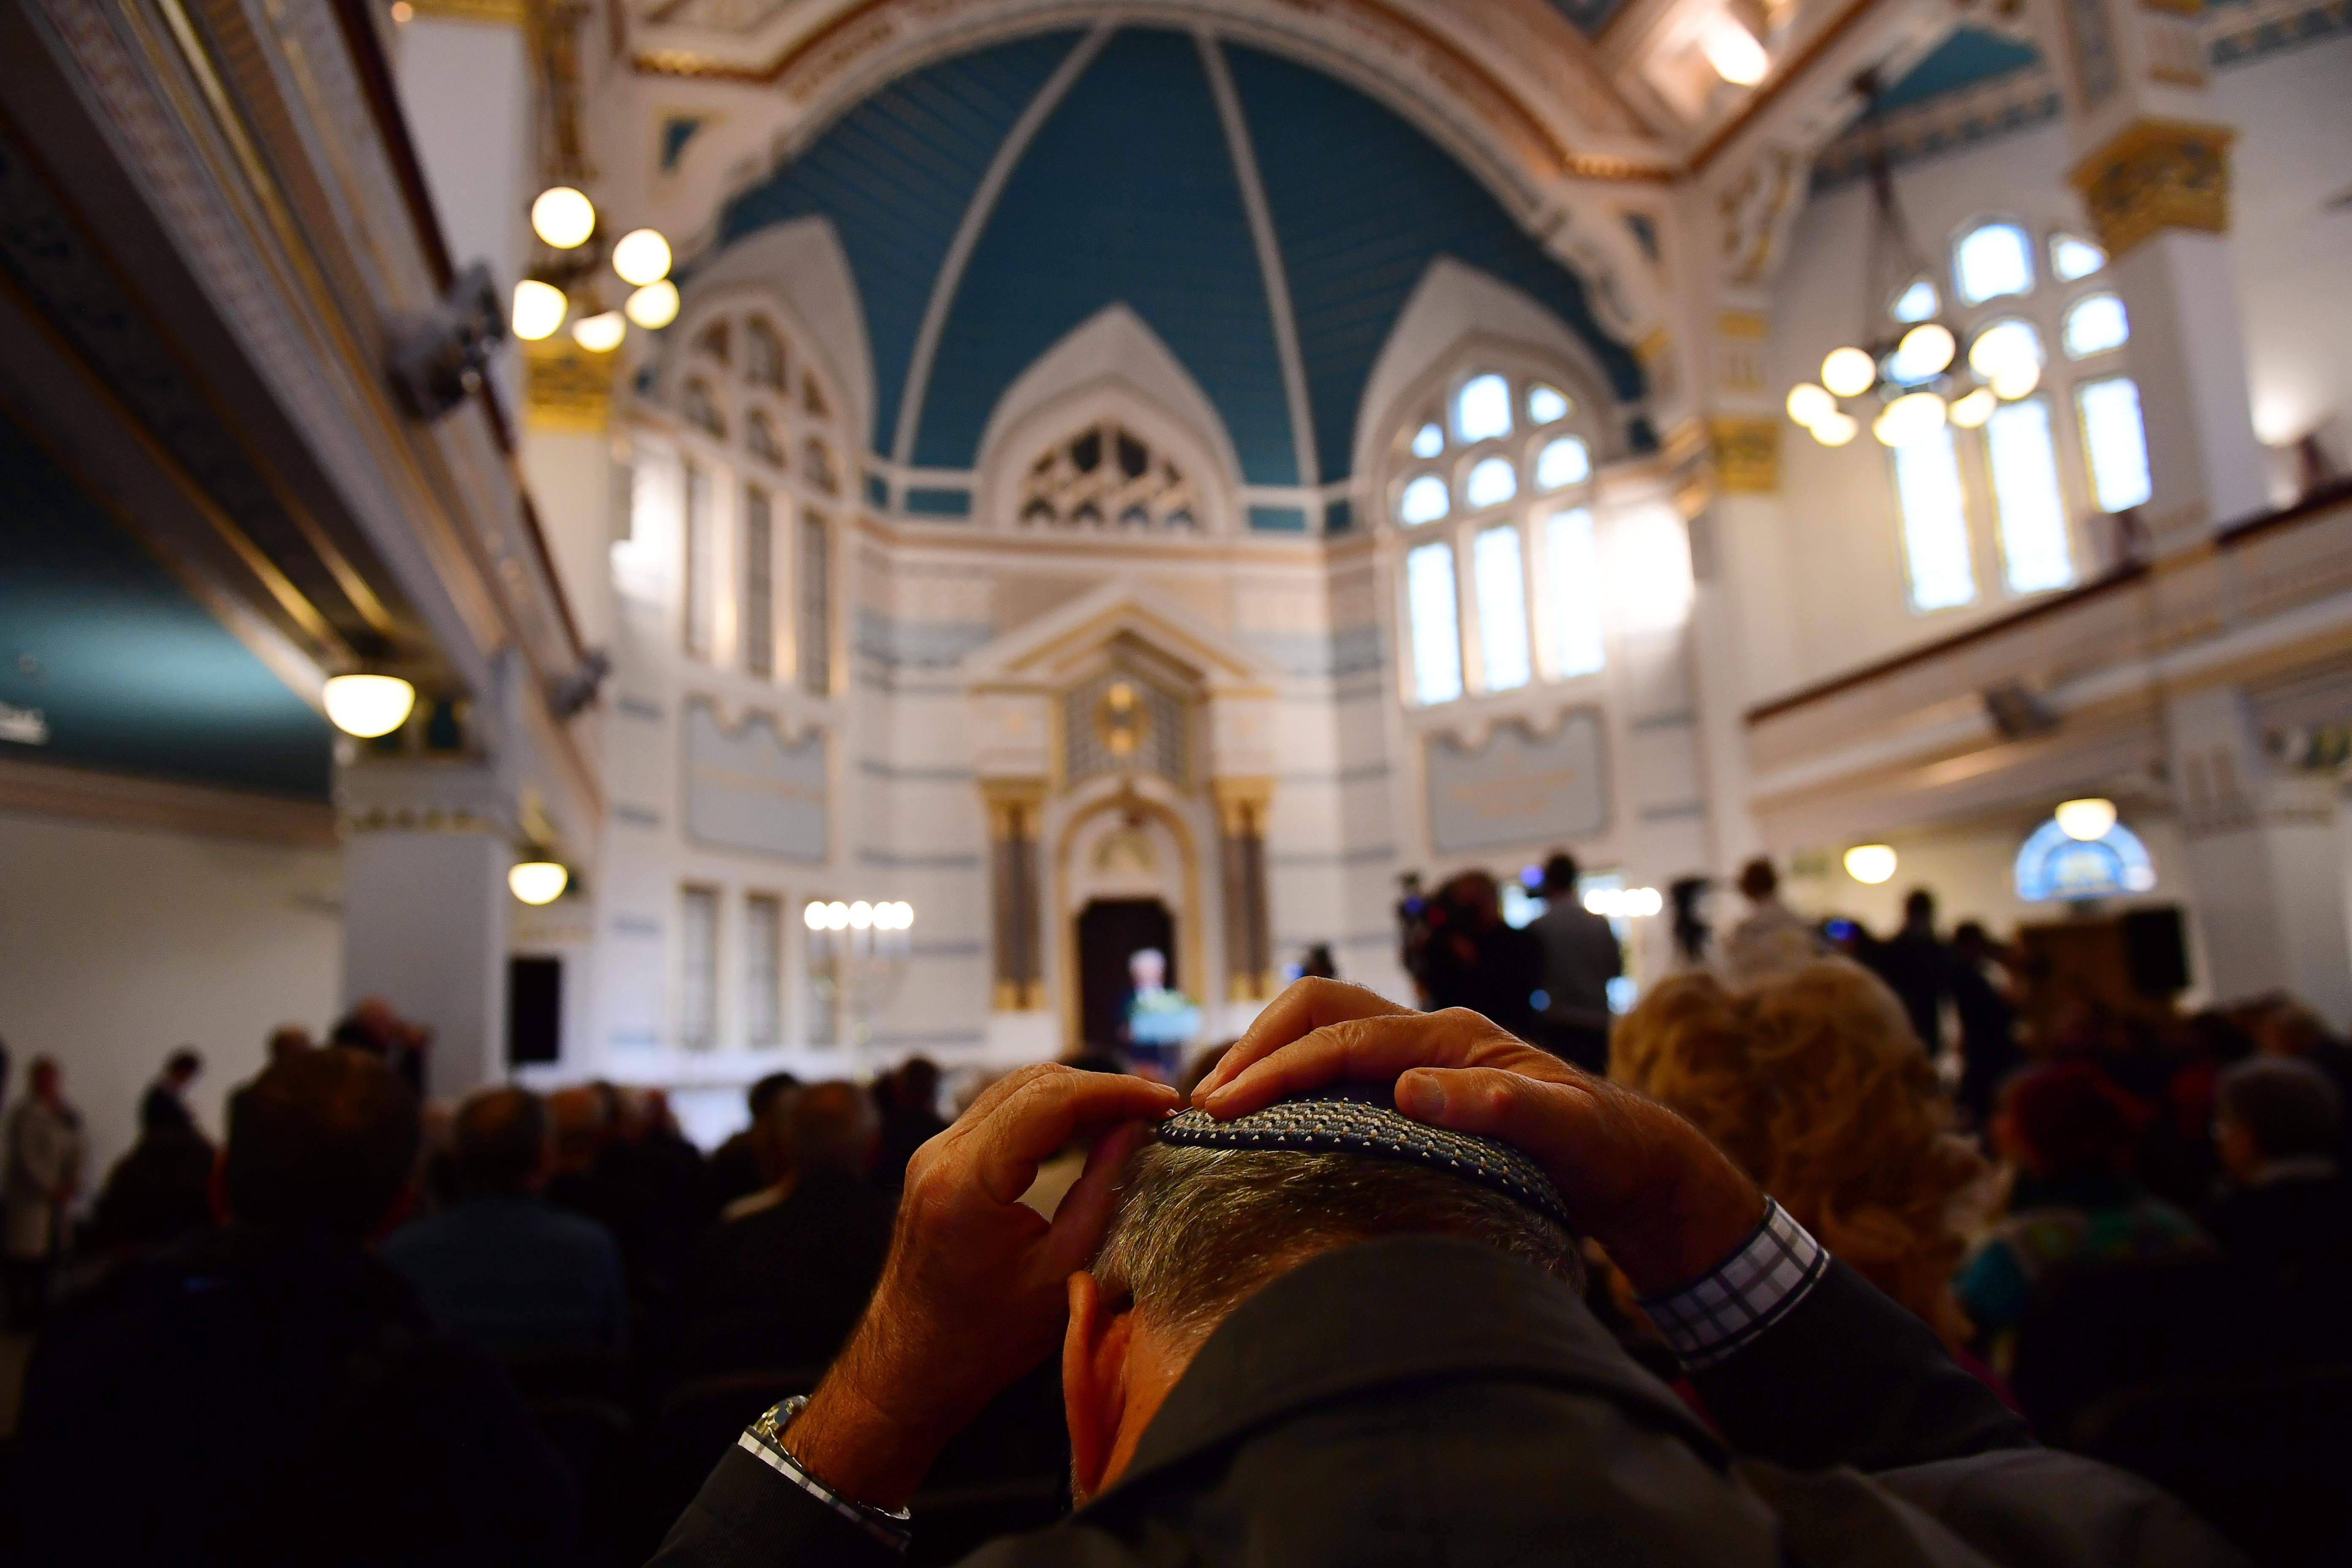 Elvétve szavaznak a jobboldalra, sokan európai polgárként  tekintenek magukra: felmérték a magyar zsidók helyzetét